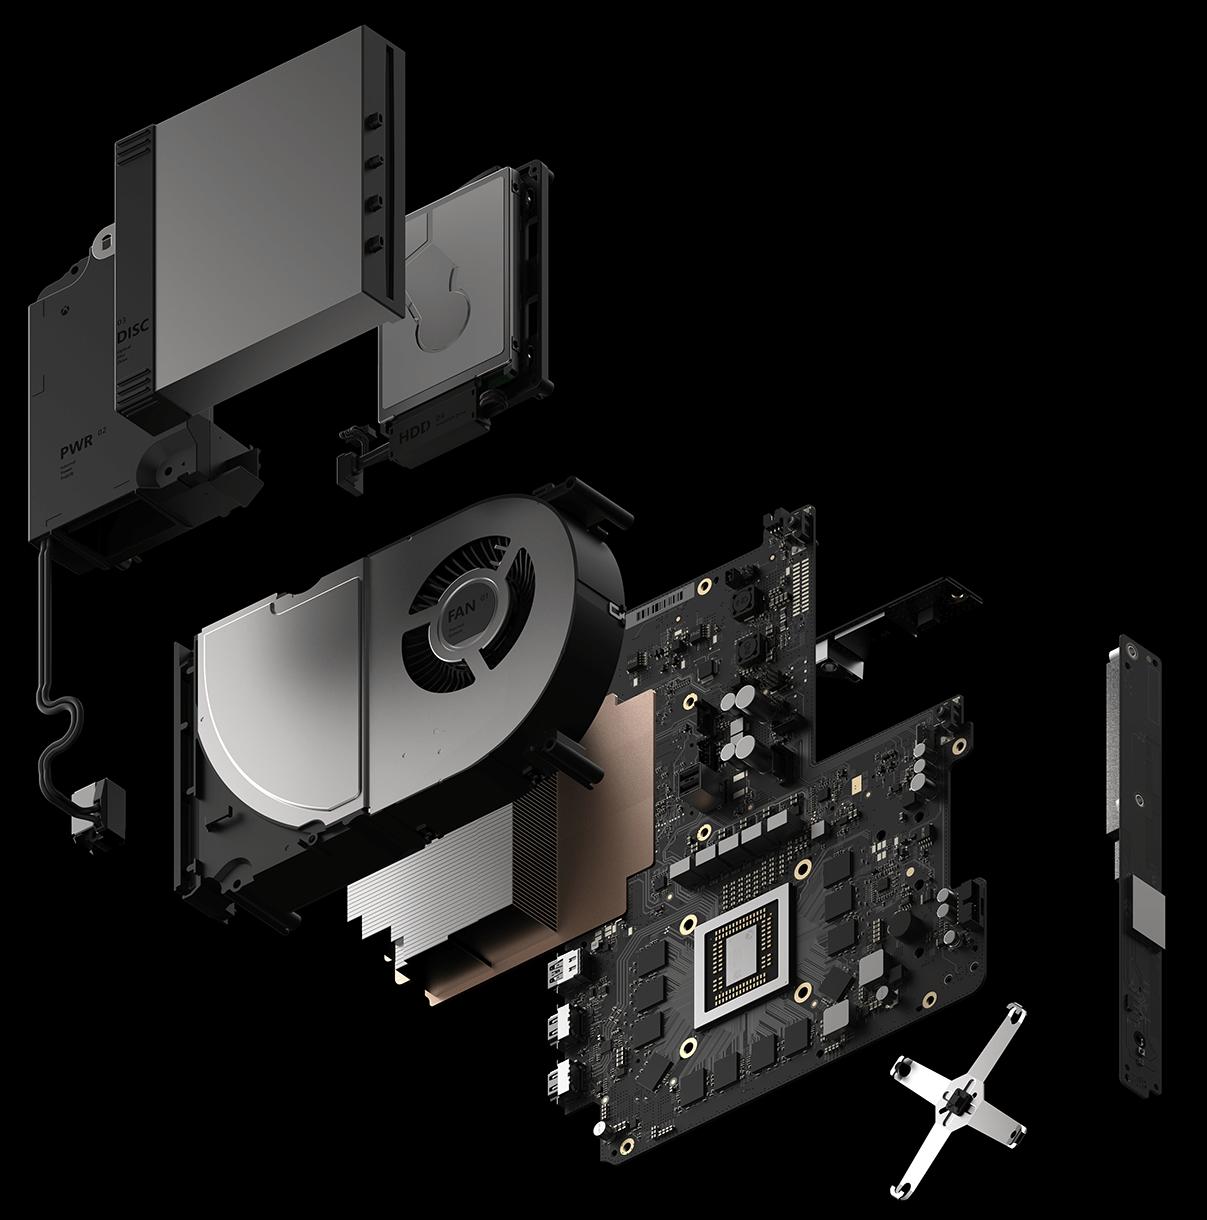 Microsoft раскрыла характеристики новейшей игровой консоли Project Scorpio